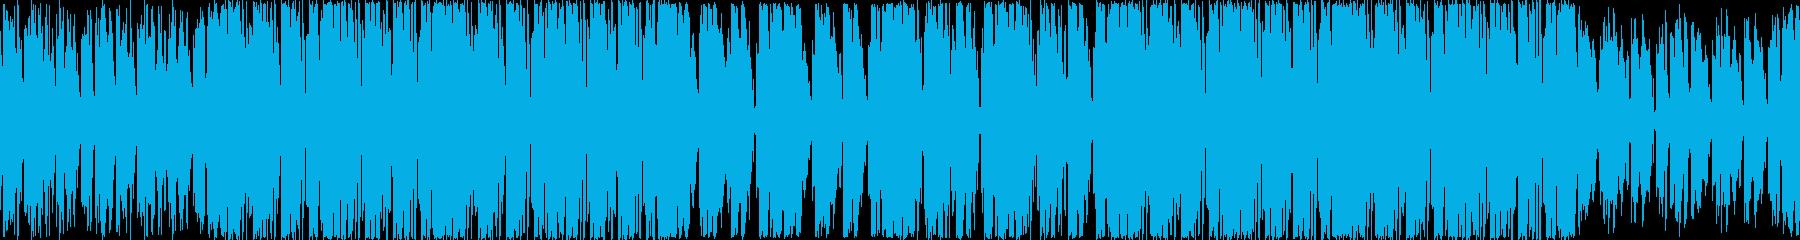 大人の雰囲気のハウスミュージックループの再生済みの波形